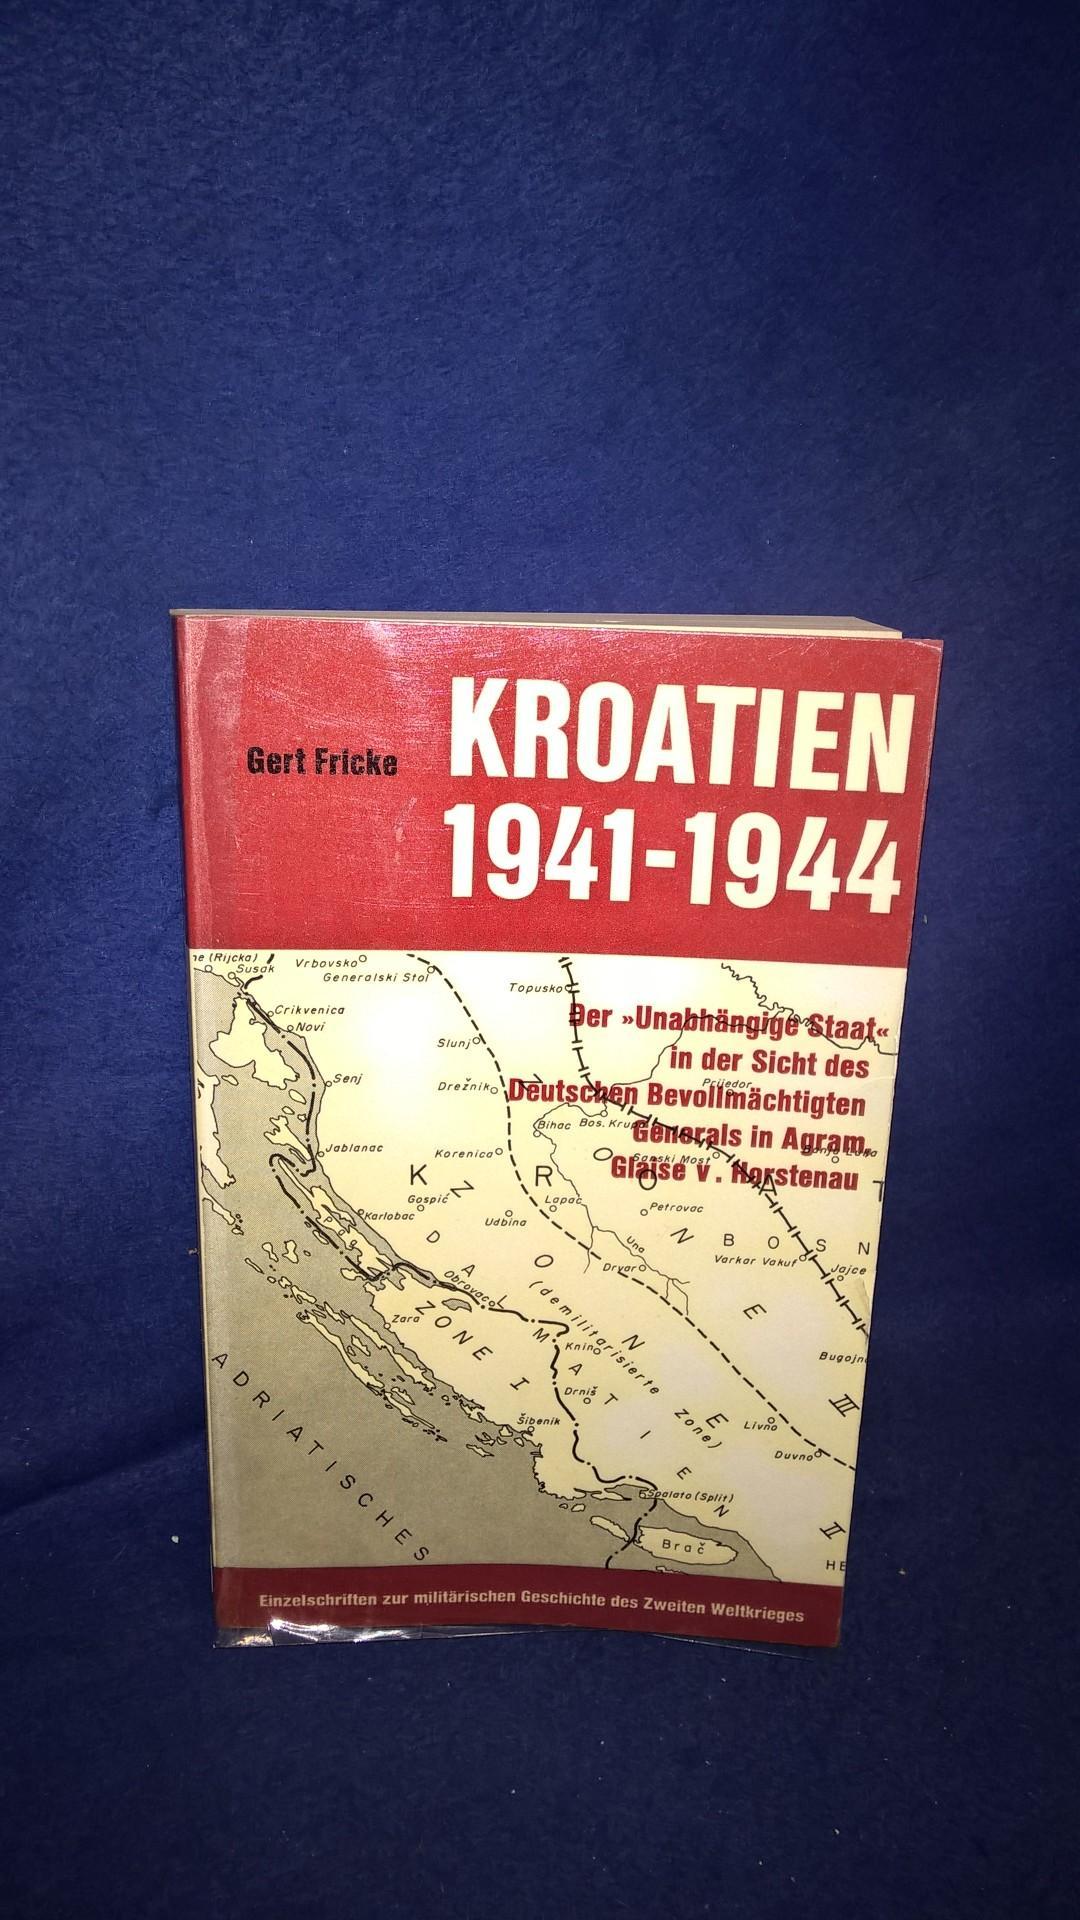 Kroatien 1941-1944. Der -Unabhängige Staat- in der Sicht des Deutschen Bevollmächtigten Generals in Agram, Glaise v. Horstenau.